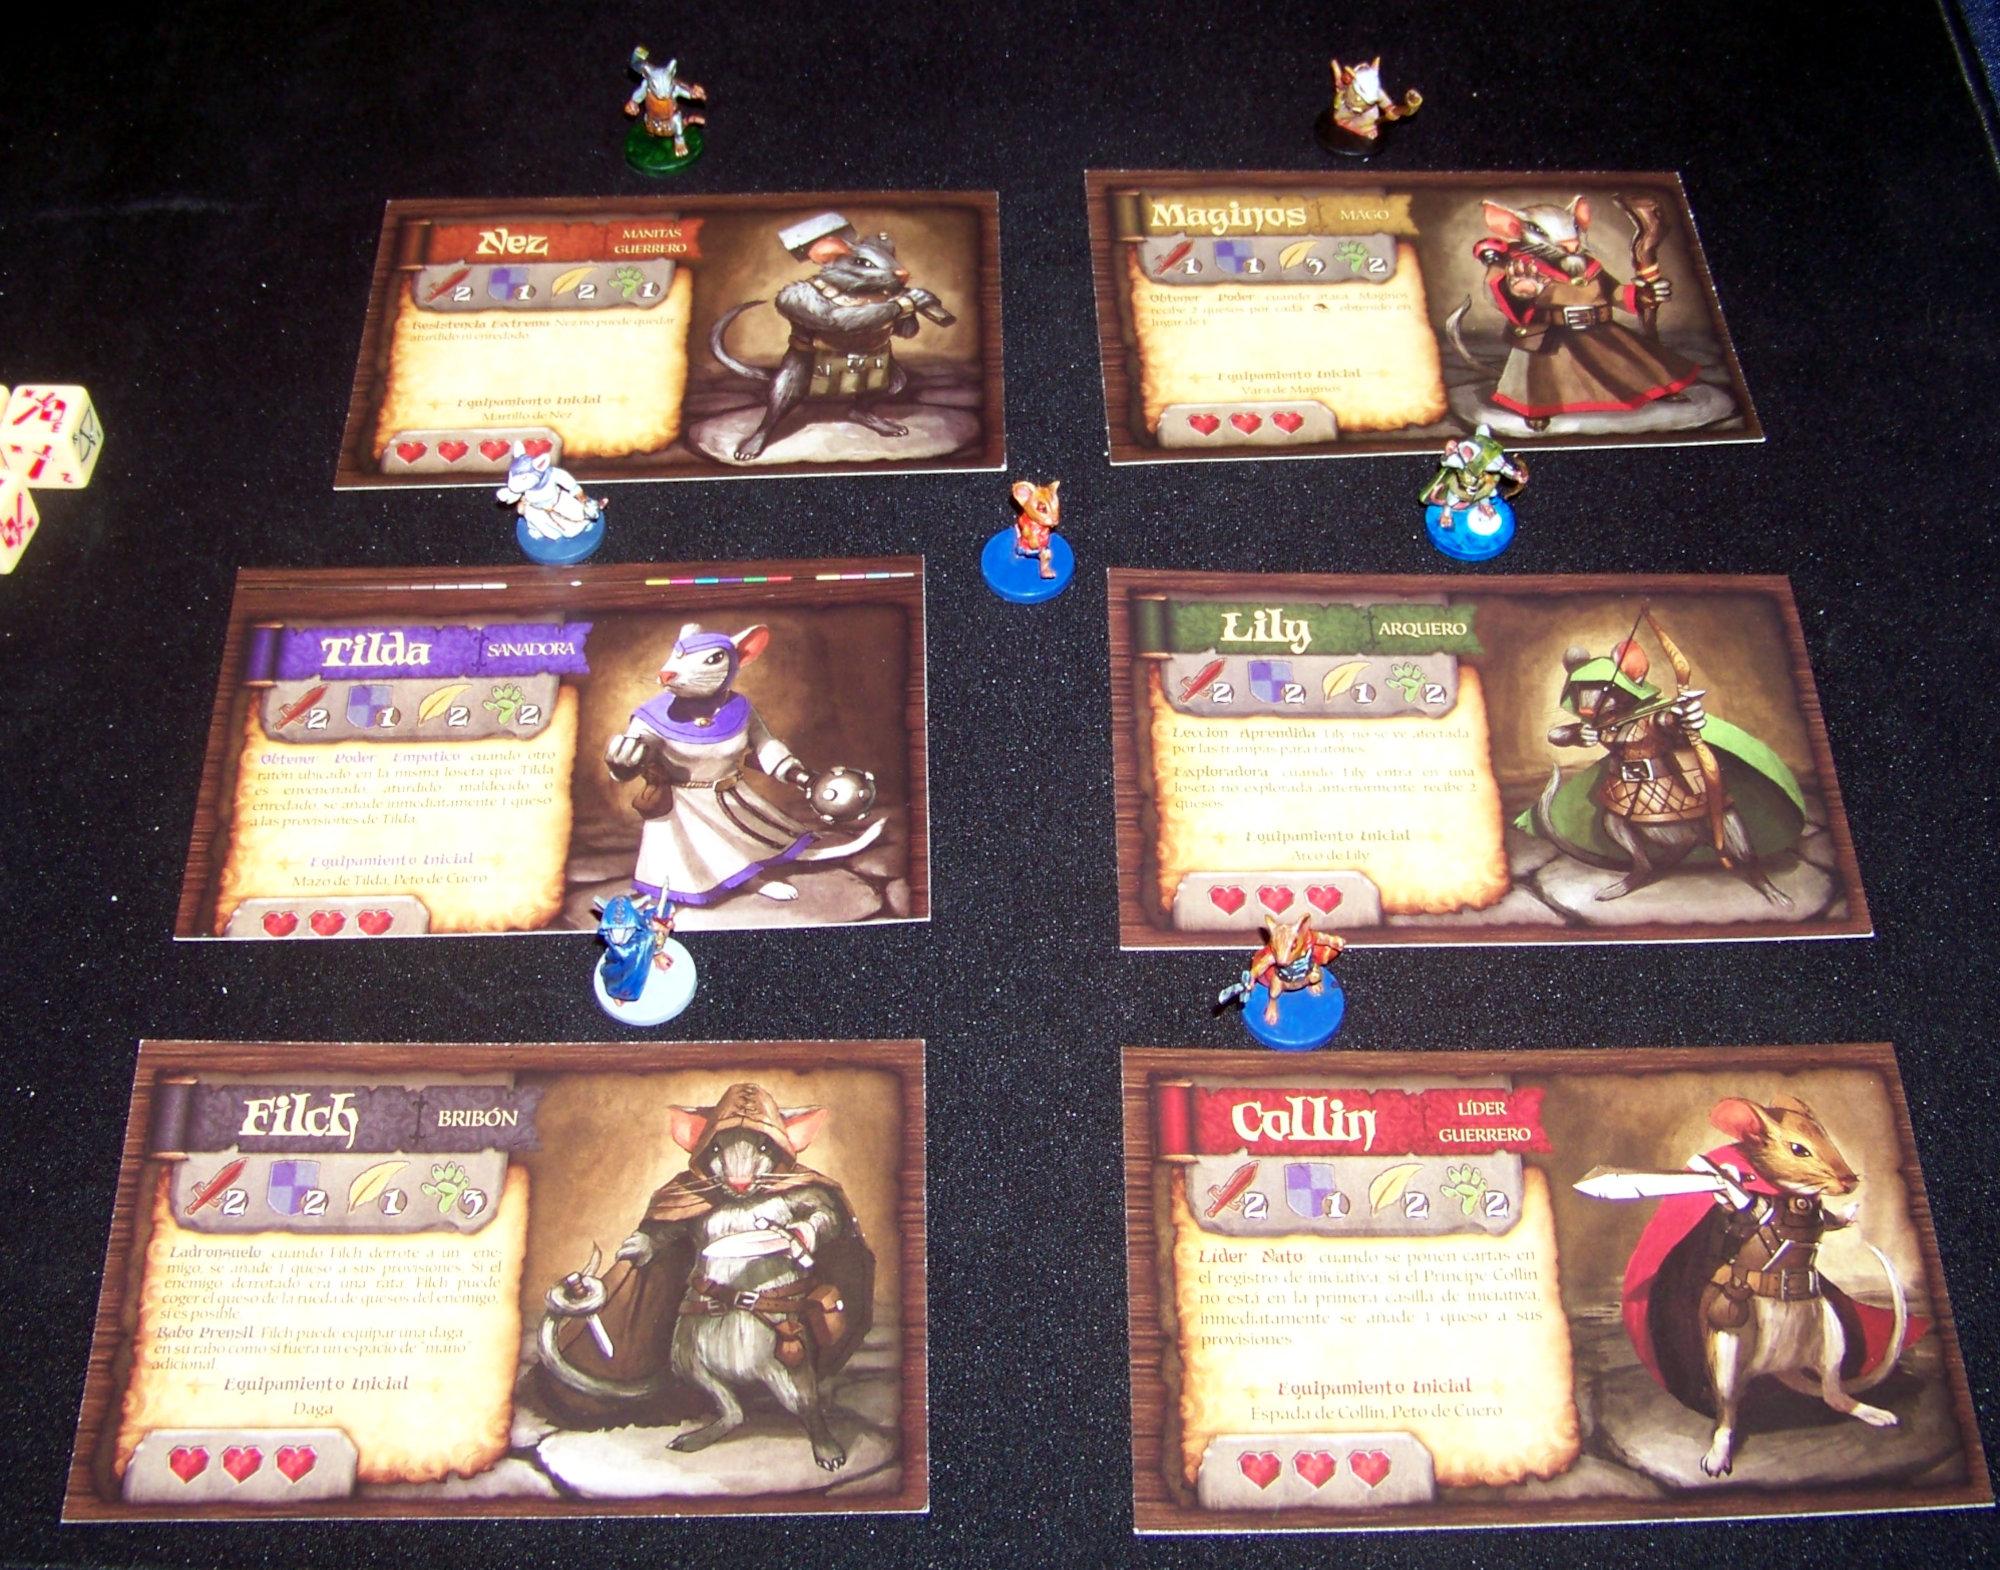 Juego de mesa De Ratones y Magia - detalle de las minis de héroes con sus tarjetas